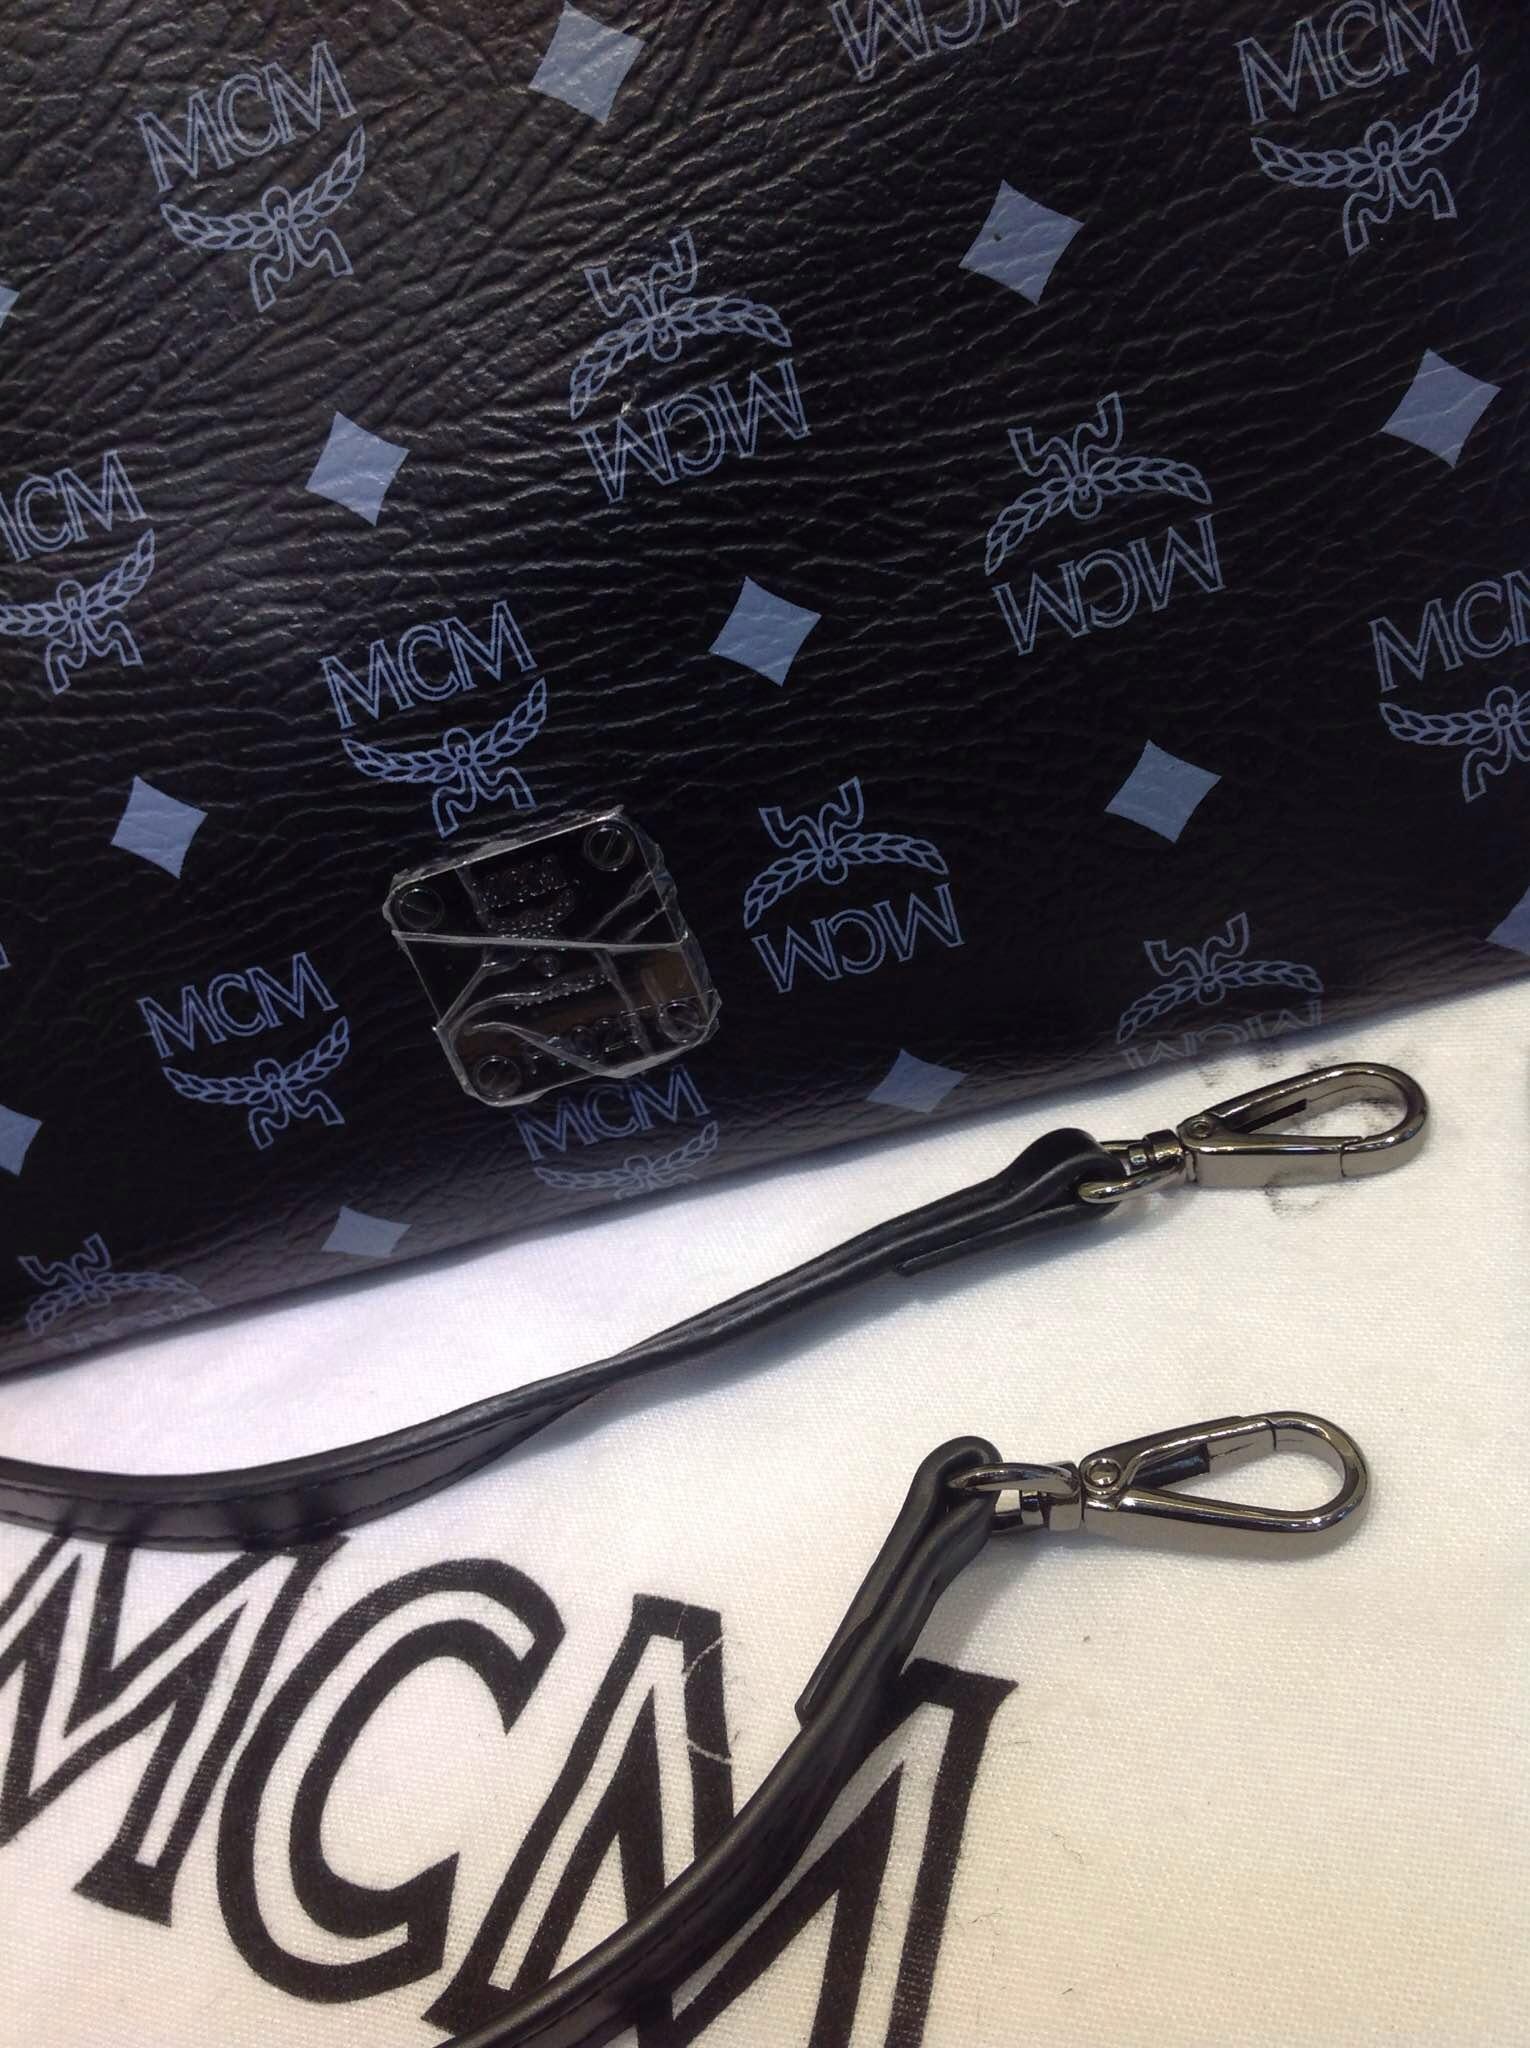 专柜质量 MCM顶级限量款手包 原版皮手拿包 媲美正品